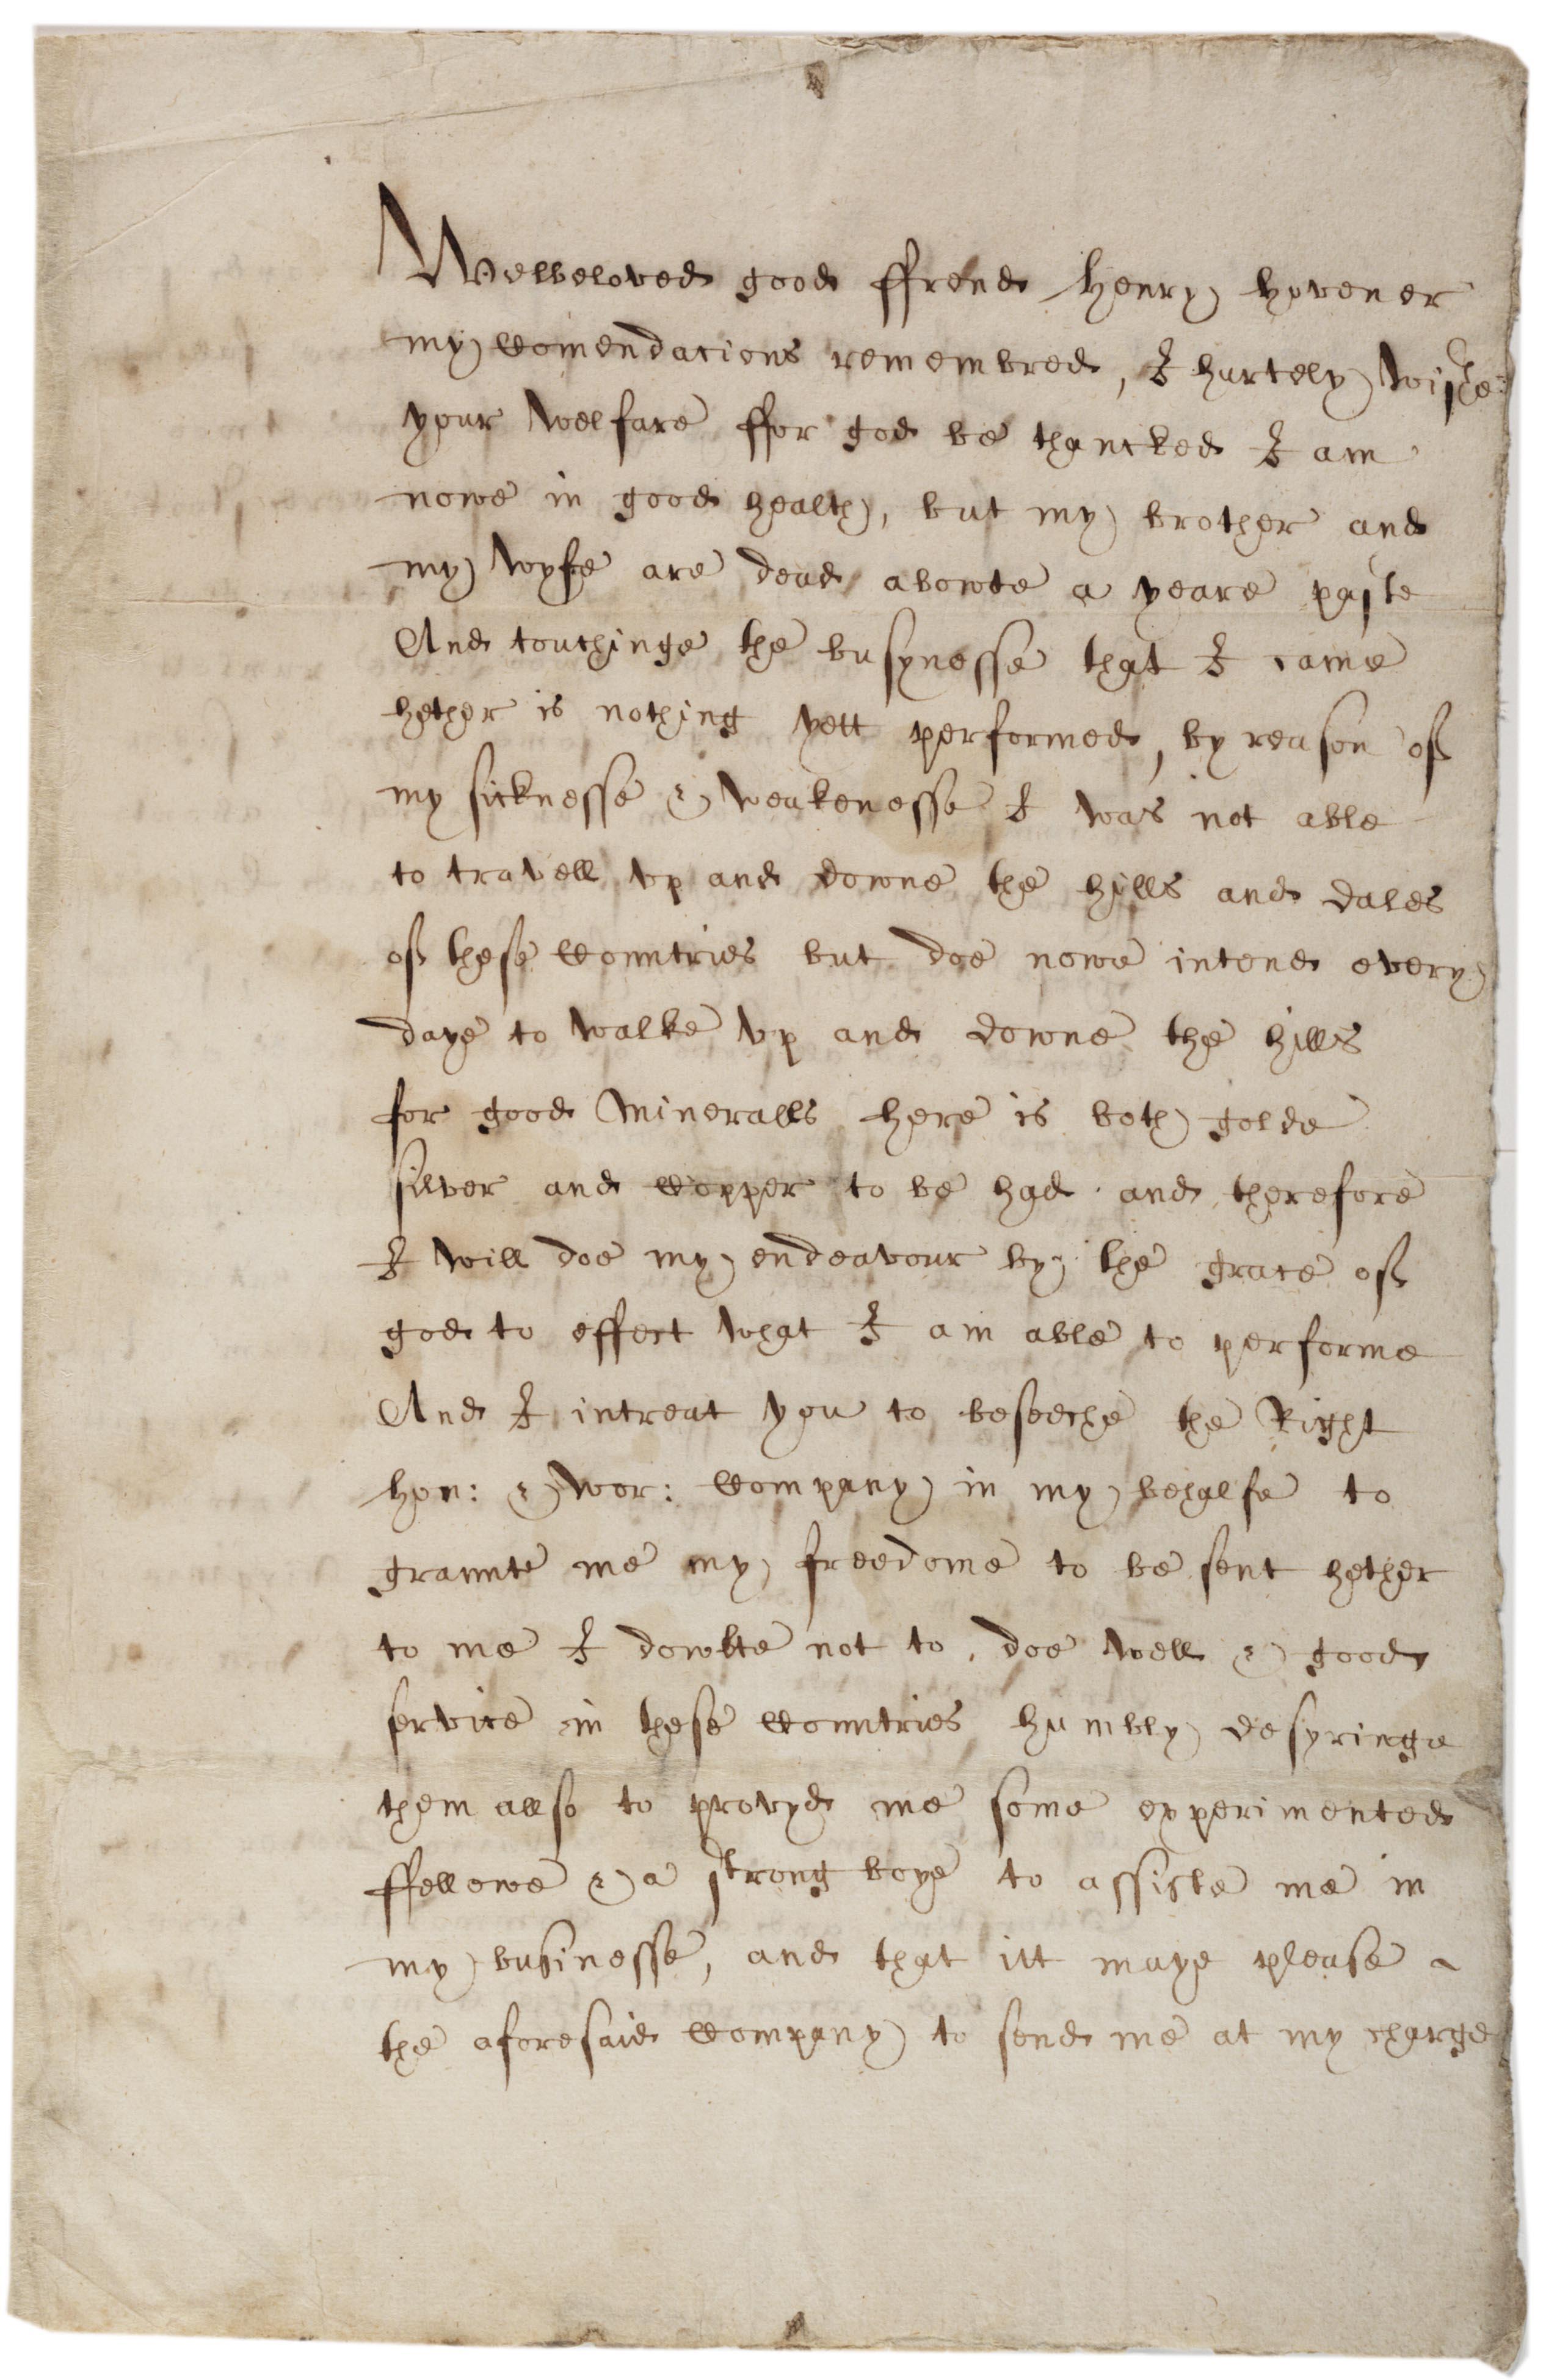 Sebastian Brandt to Henry Hovener, January 13, 1622. (Gilder Lehrman Collection)